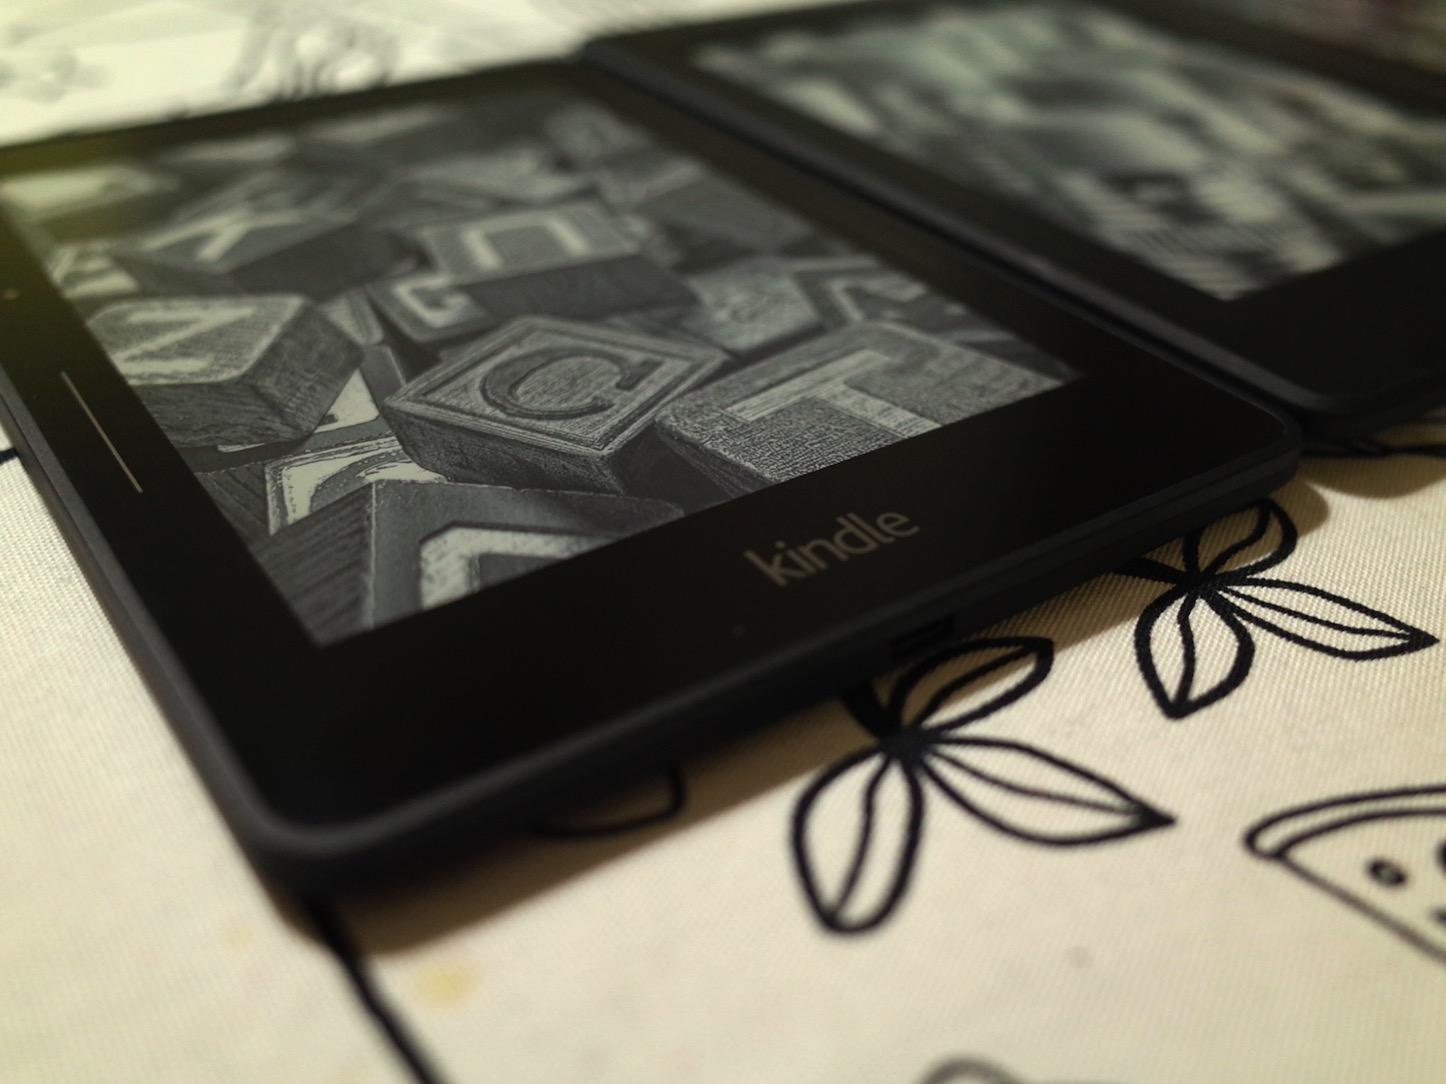 Kindle voyage new model rumor